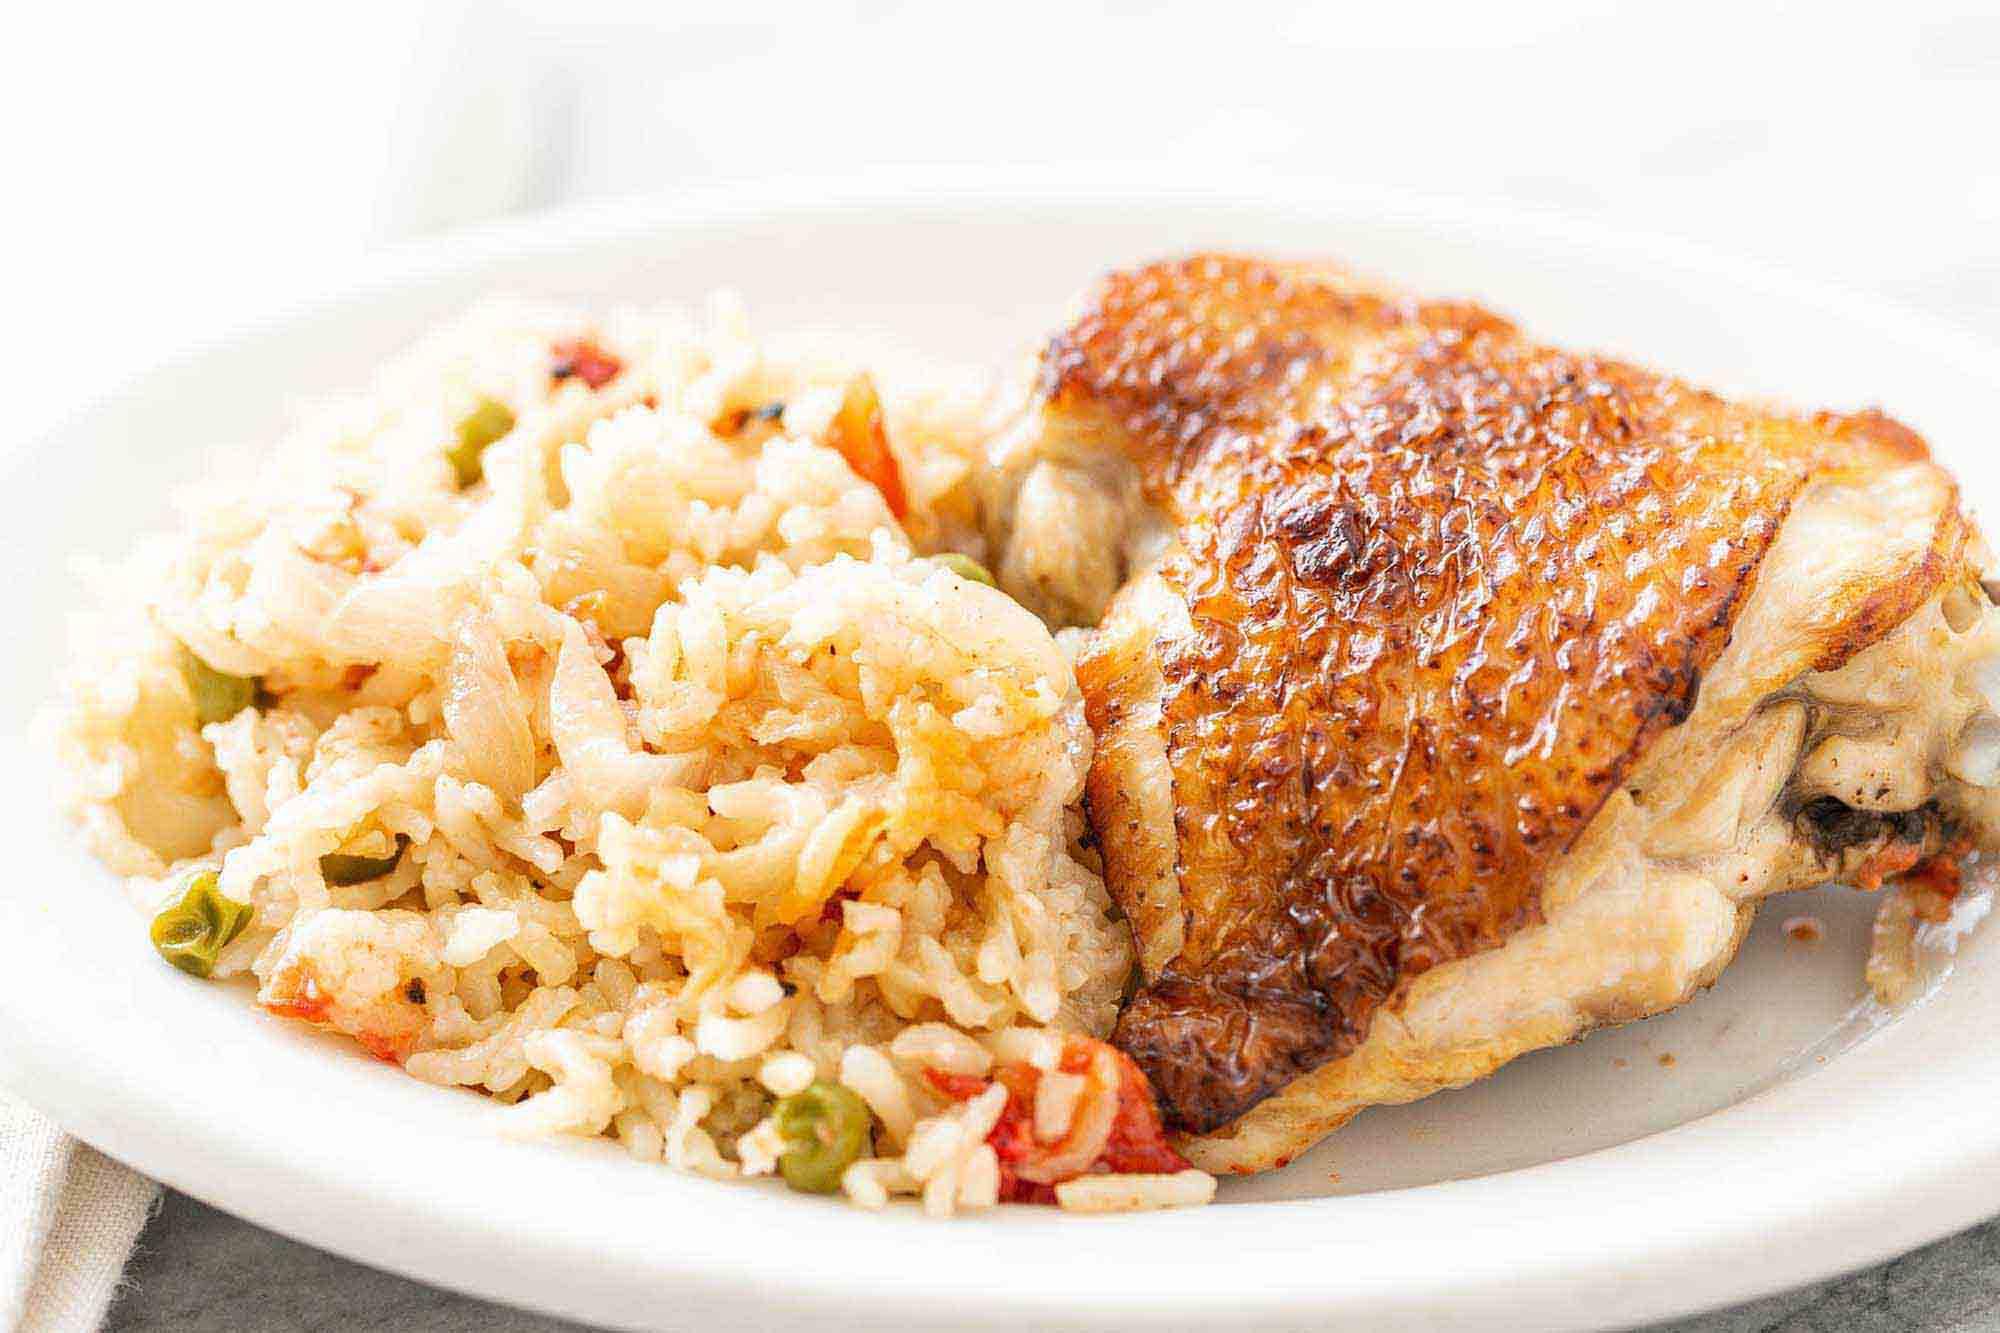 cơm gà bao nhiêu calo, cơm gà xối mỡ bao nhiêu calo, 1 dĩa cơm gà bao nhiêu calo, một dĩa cơm gà bao nhiêu calo, cơm gà luộc bao nhiêu calo, cơm gà xé bao nhiêu calo, một hộp cơm gà bao nhiêu calo, 1 hộp cơm gà bao nhiêu calo, cơm chiên gà xối mỡ bao nhiêu calo